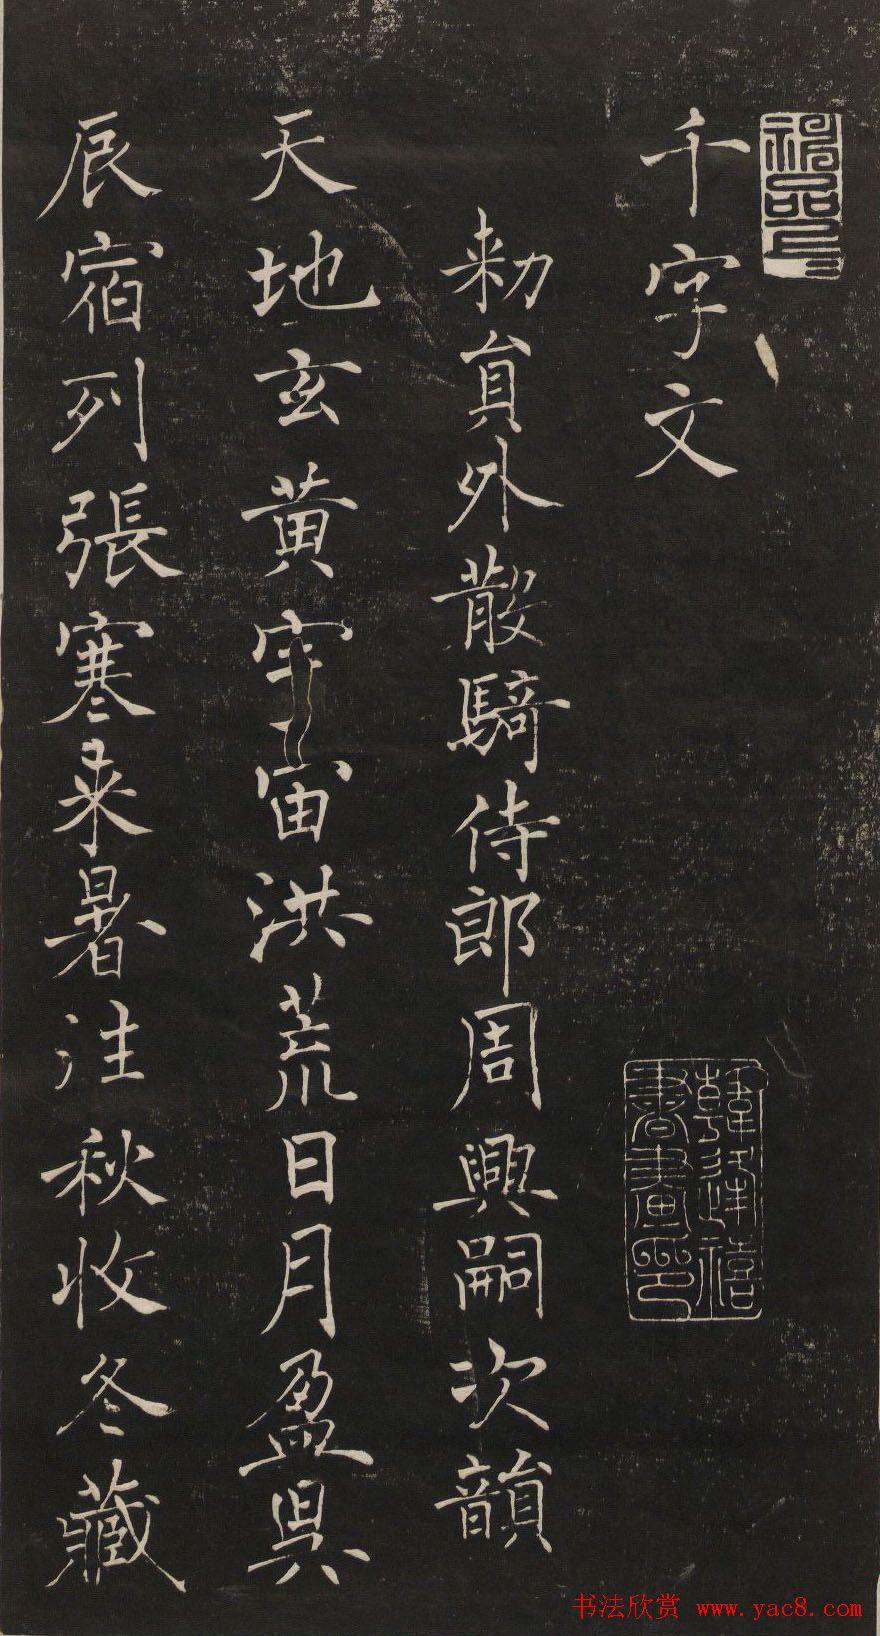 莲池书院法帖第一册《褚遂良千字文》